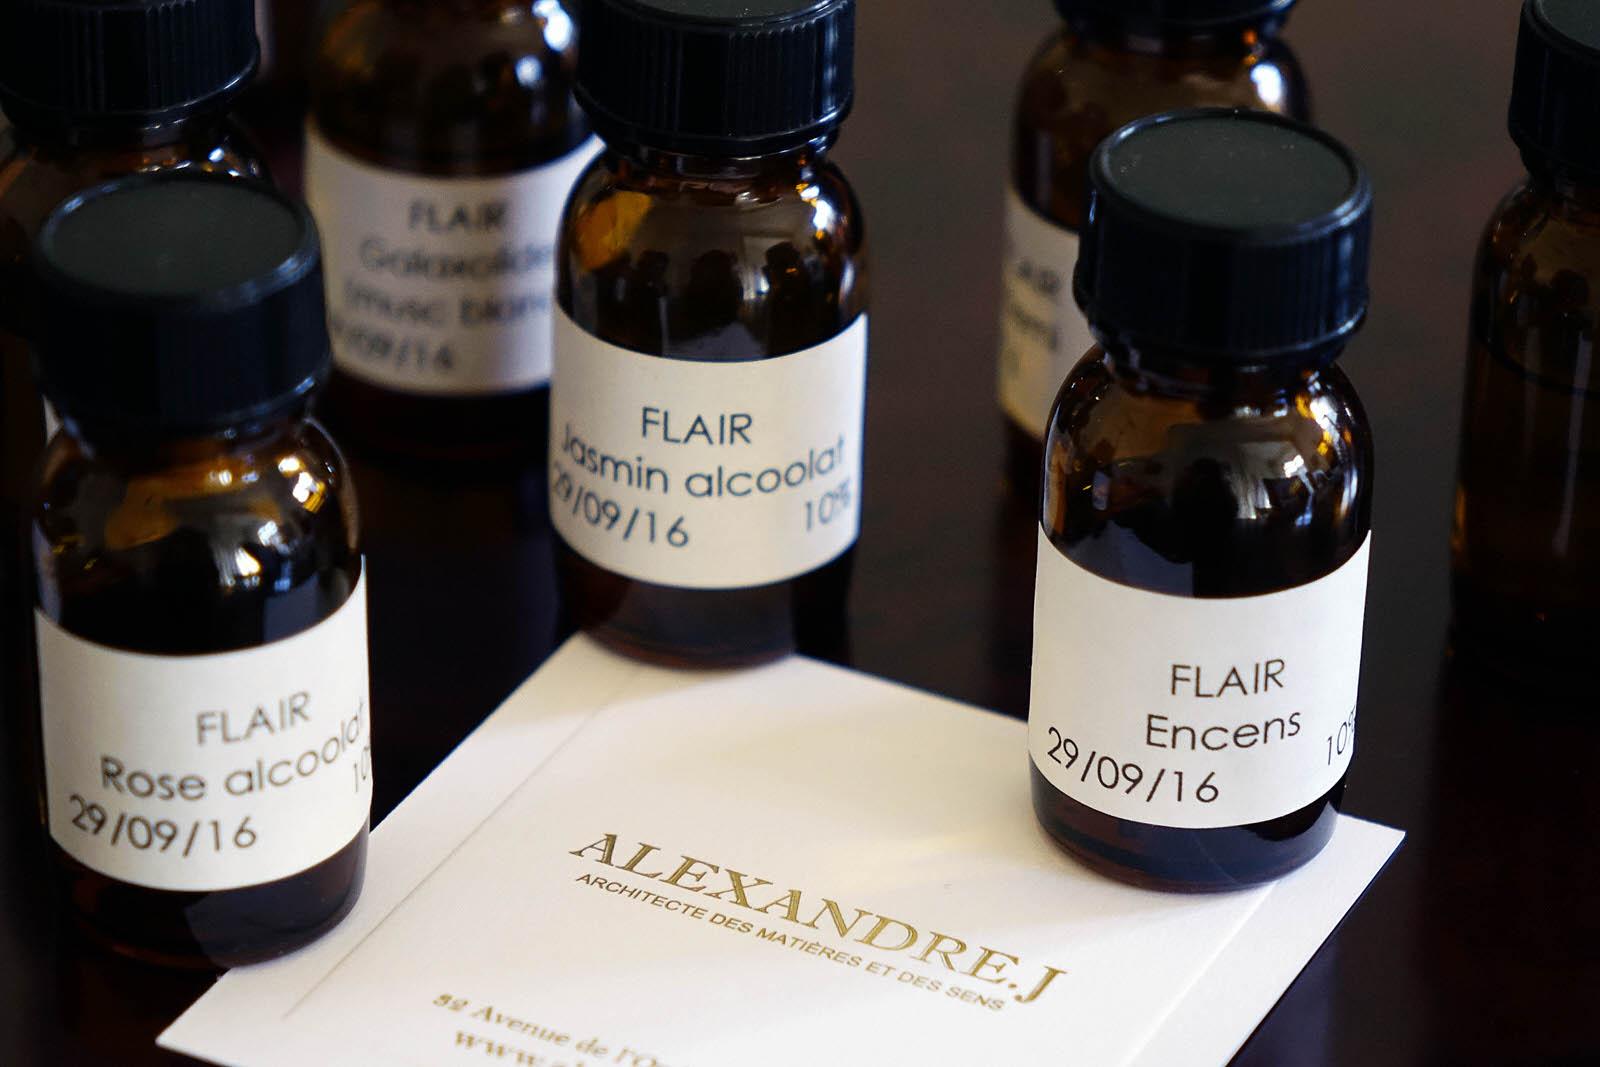 janis-en-sucre-alexandre-j-14